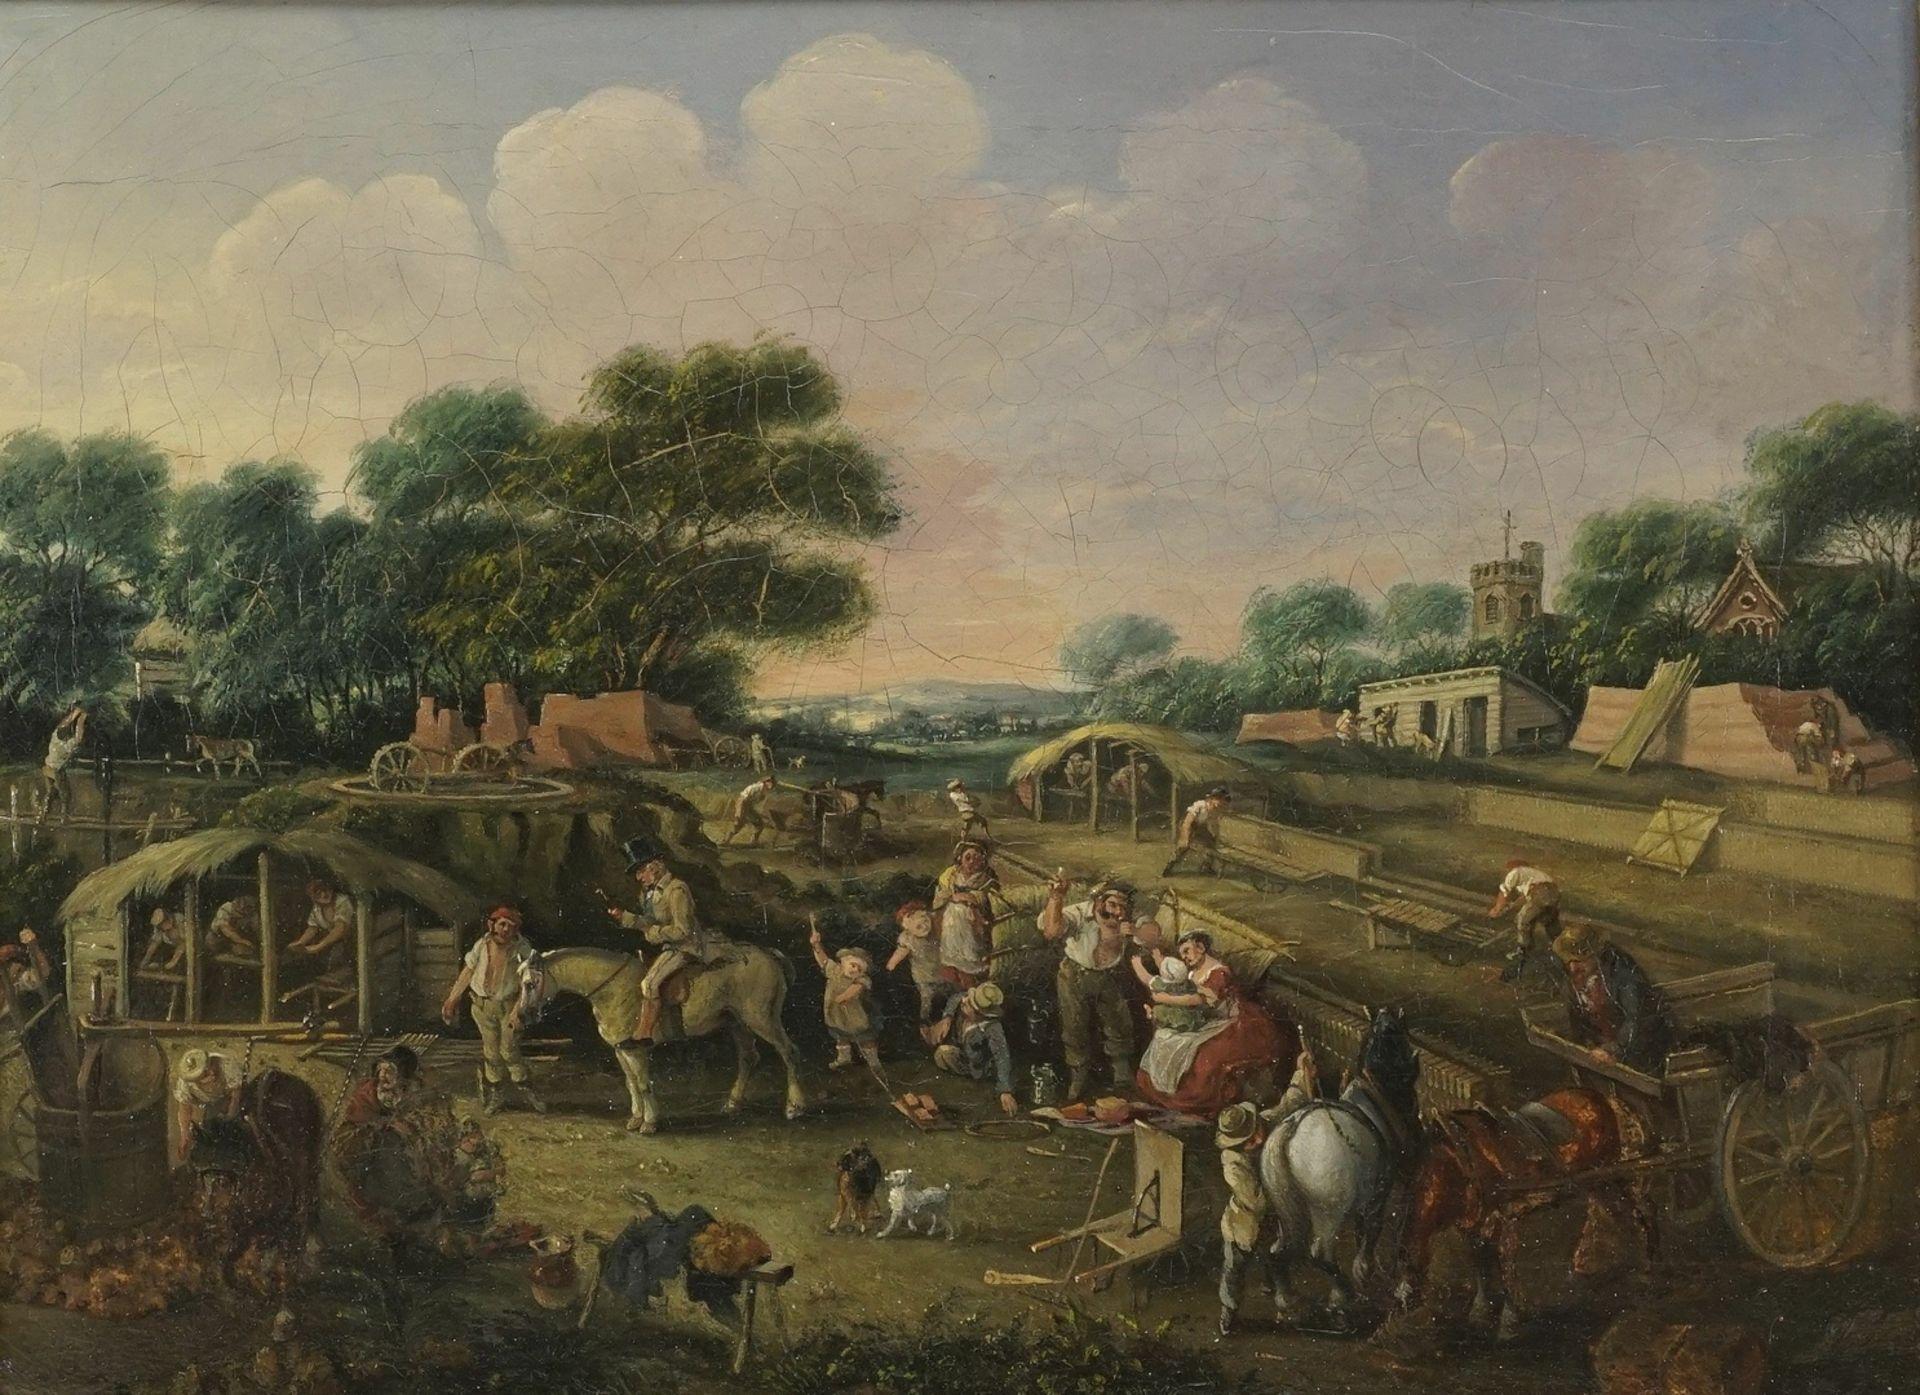 G. Forster, Ziegelfabrikation bei Edmonton, Middlesex